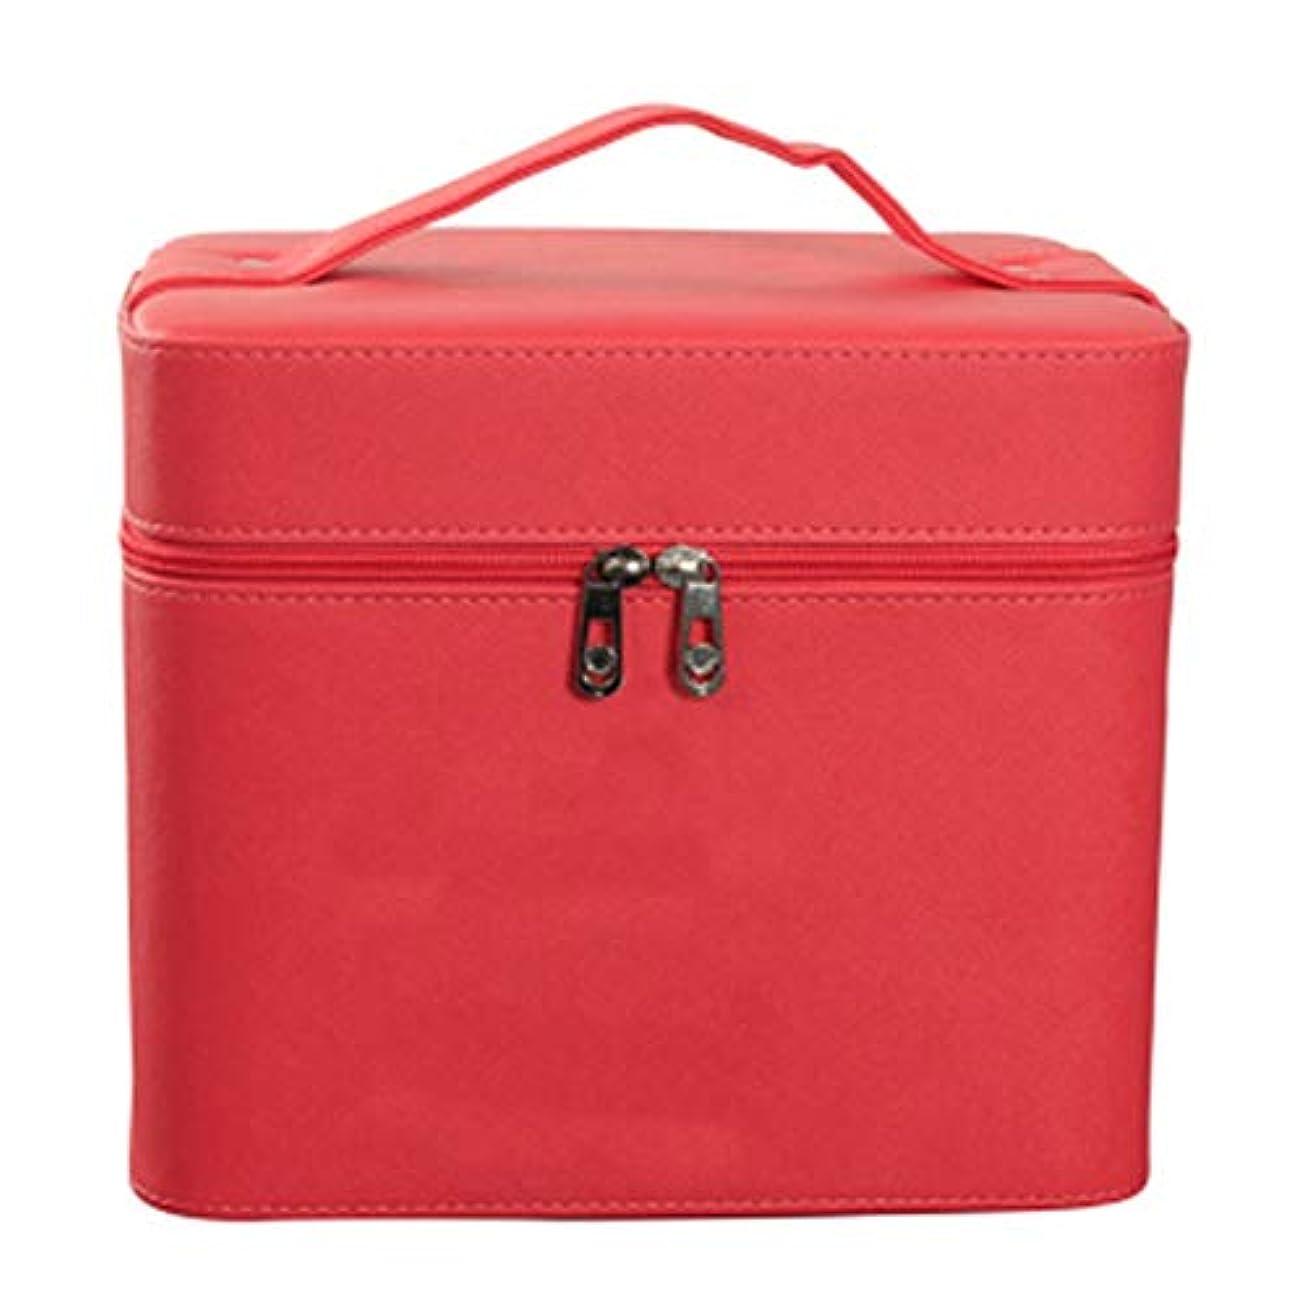 刃奇跡ロマンス化粧オーガナイザーバッグ ジッパーと化粧鏡で小さなものの種類の旅行のための美容メイクアップのための赤いポータブル化粧品バッグ 化粧品ケース